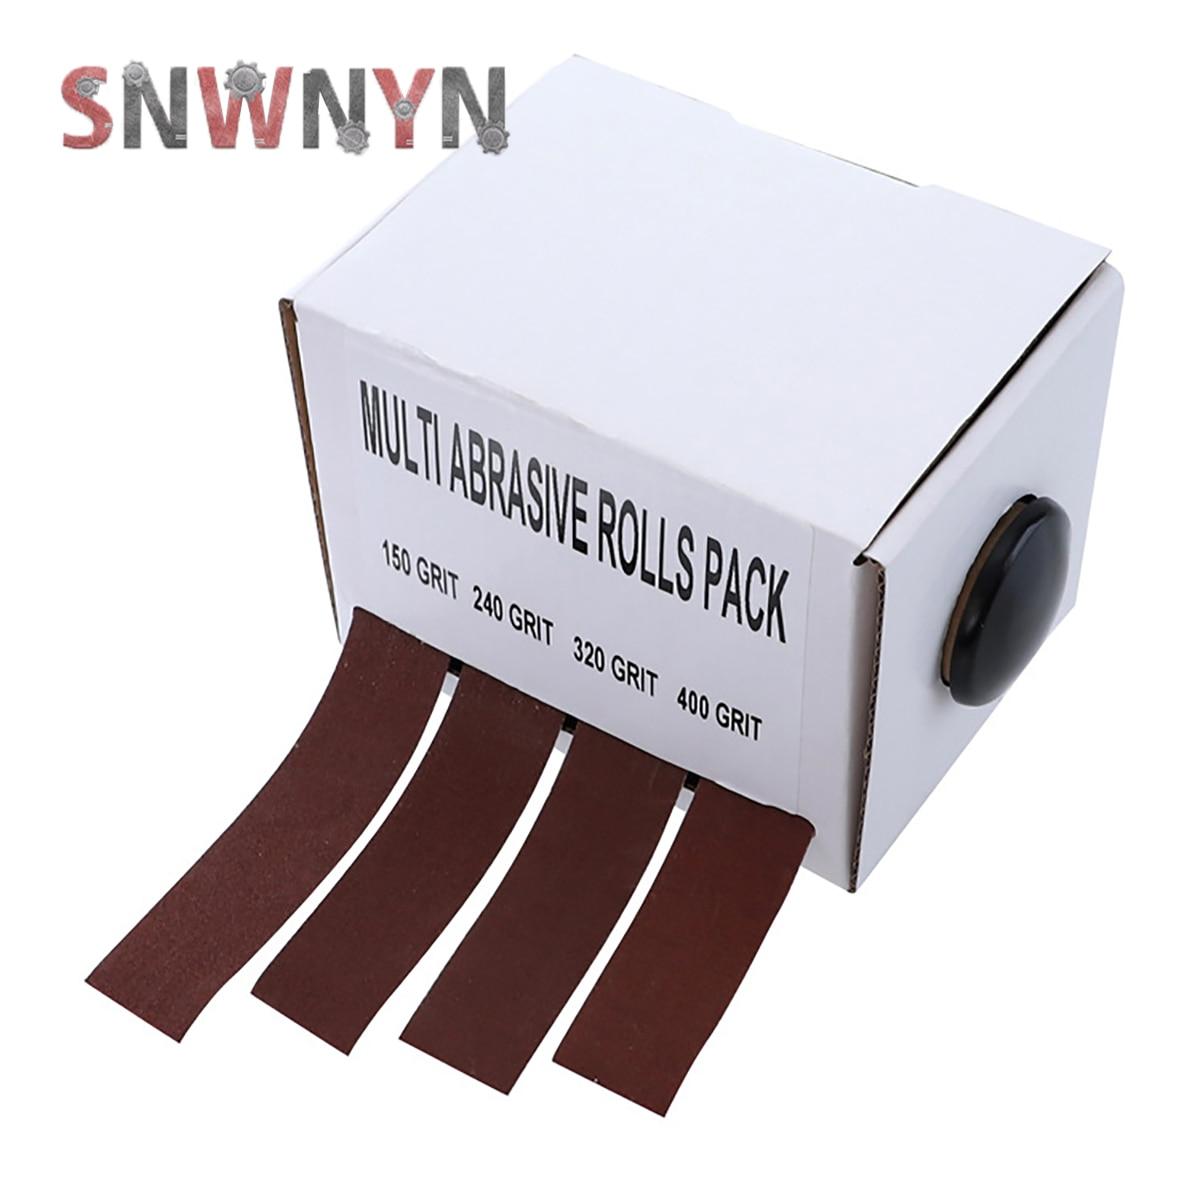 4 шт./корт. 25 мм x 6 м, шлифовальный ленточный рулон, выдвижная Наждачная ткань, наждачная бумага, шлифовальная бумага для деревообработки, шли...